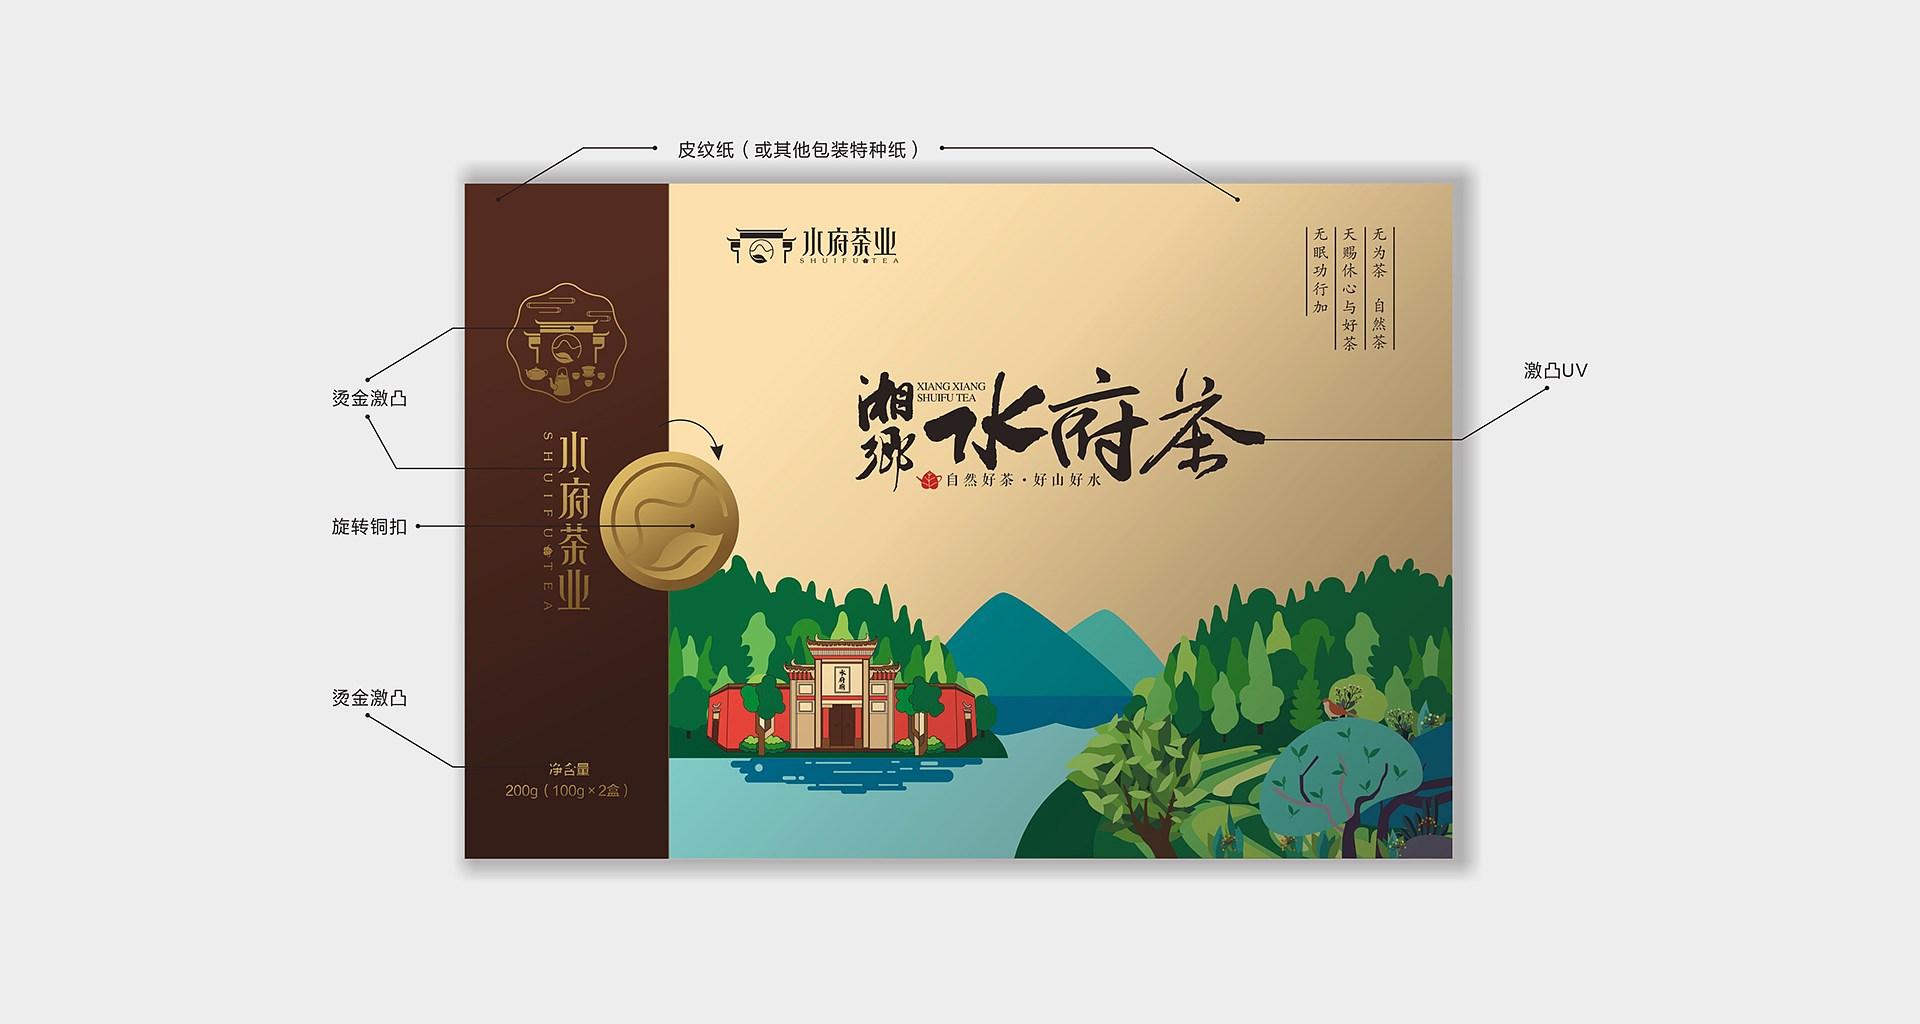 水府茶新万博竞彩app苹果下载万博manbetx手机版苹果下载_0016.JPG